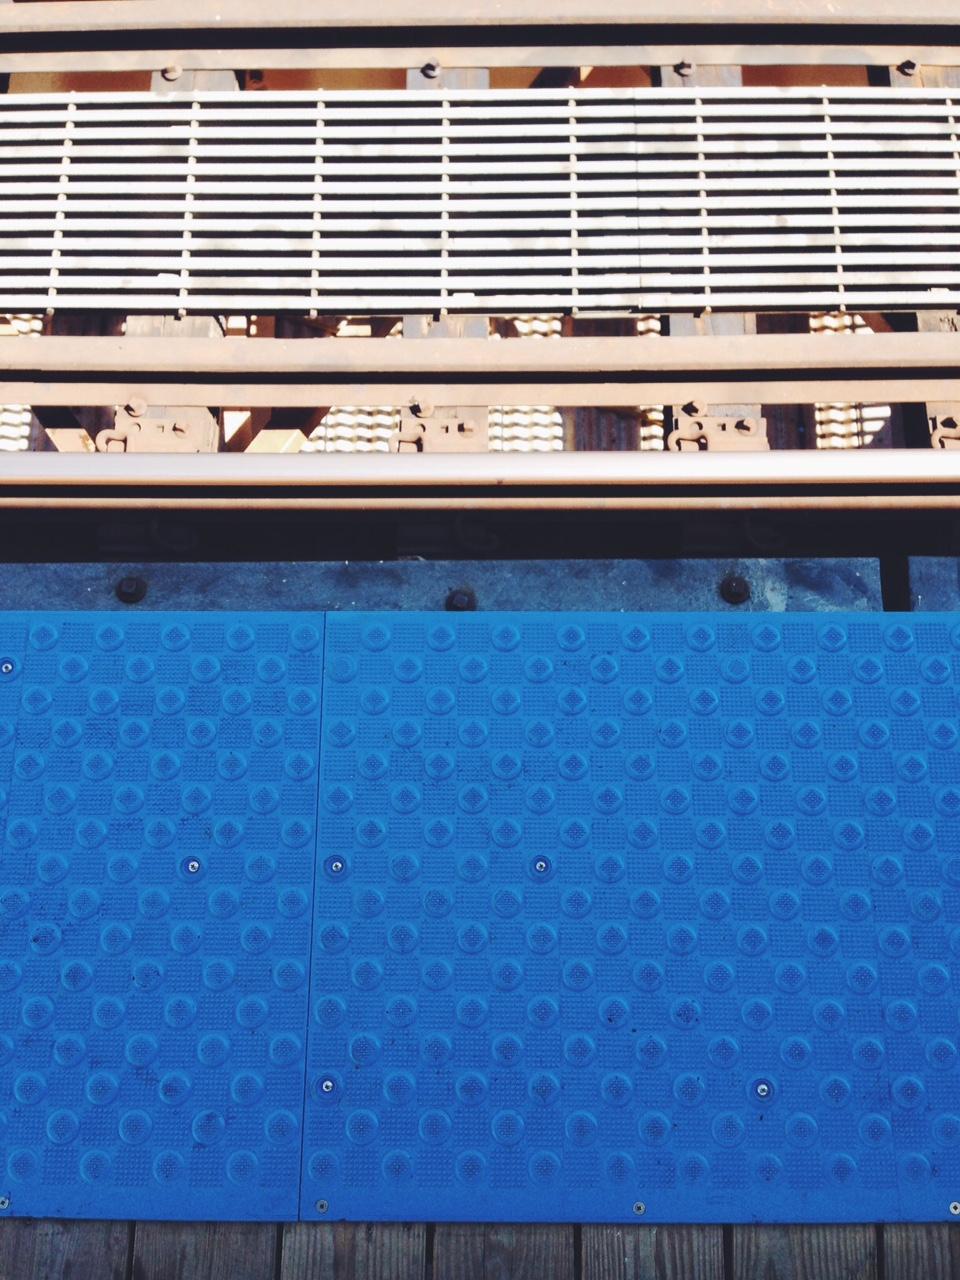 Platform textures